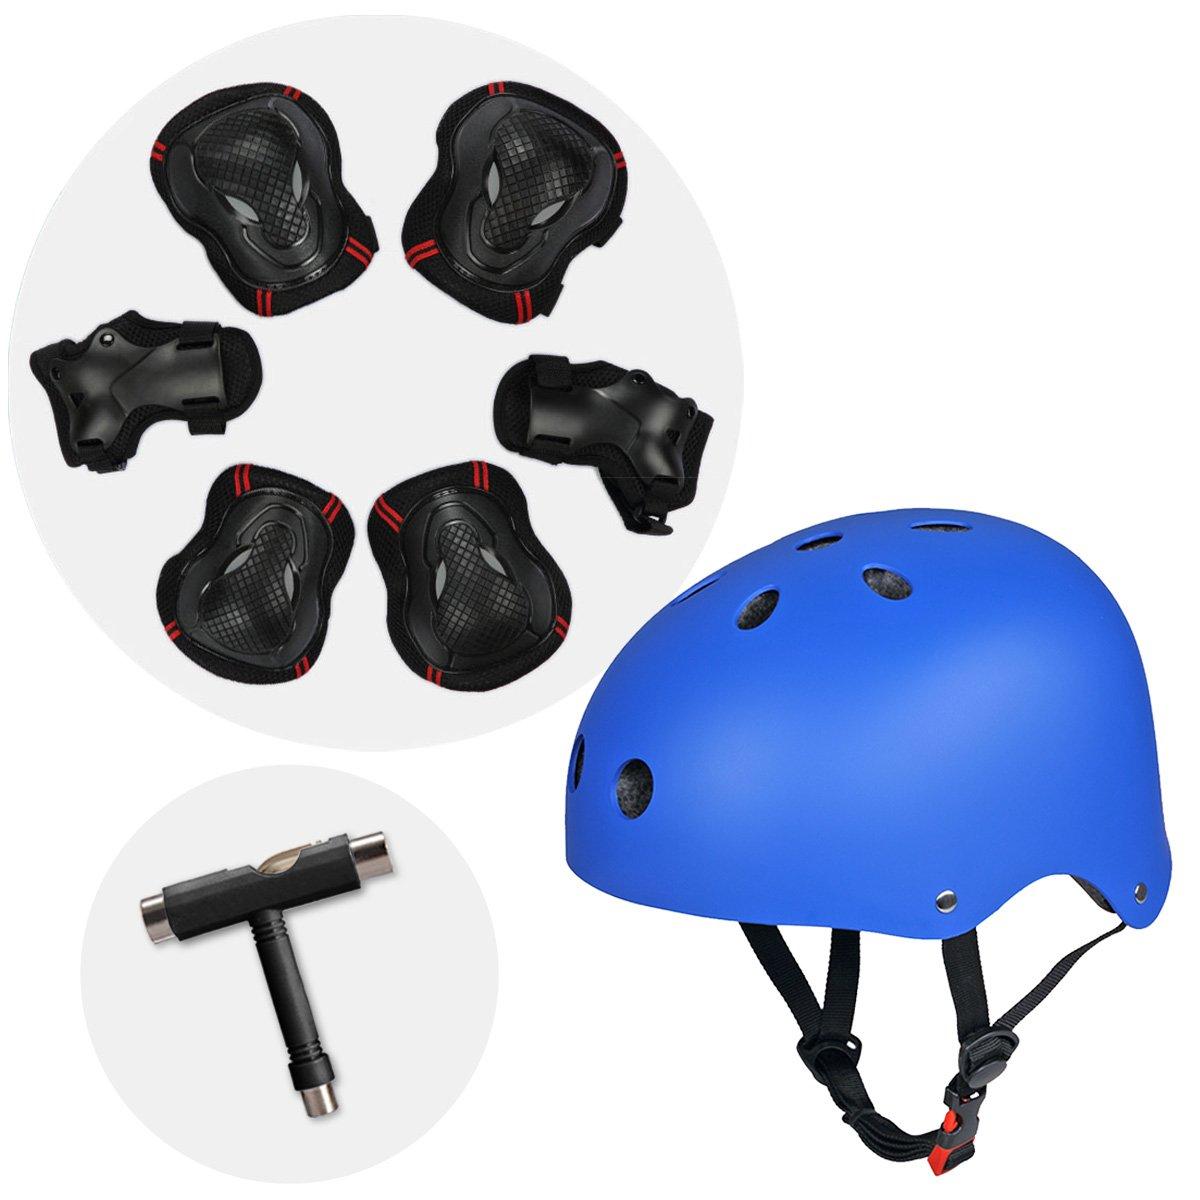 Skateboard Helm Sporthelm BMX Helm mit Knieschützer Ellbogenschützer Wrist Pads Handgelenkschoner und T Tool Schraubenschlüssel für Skate, Fahrrad SymbolLife